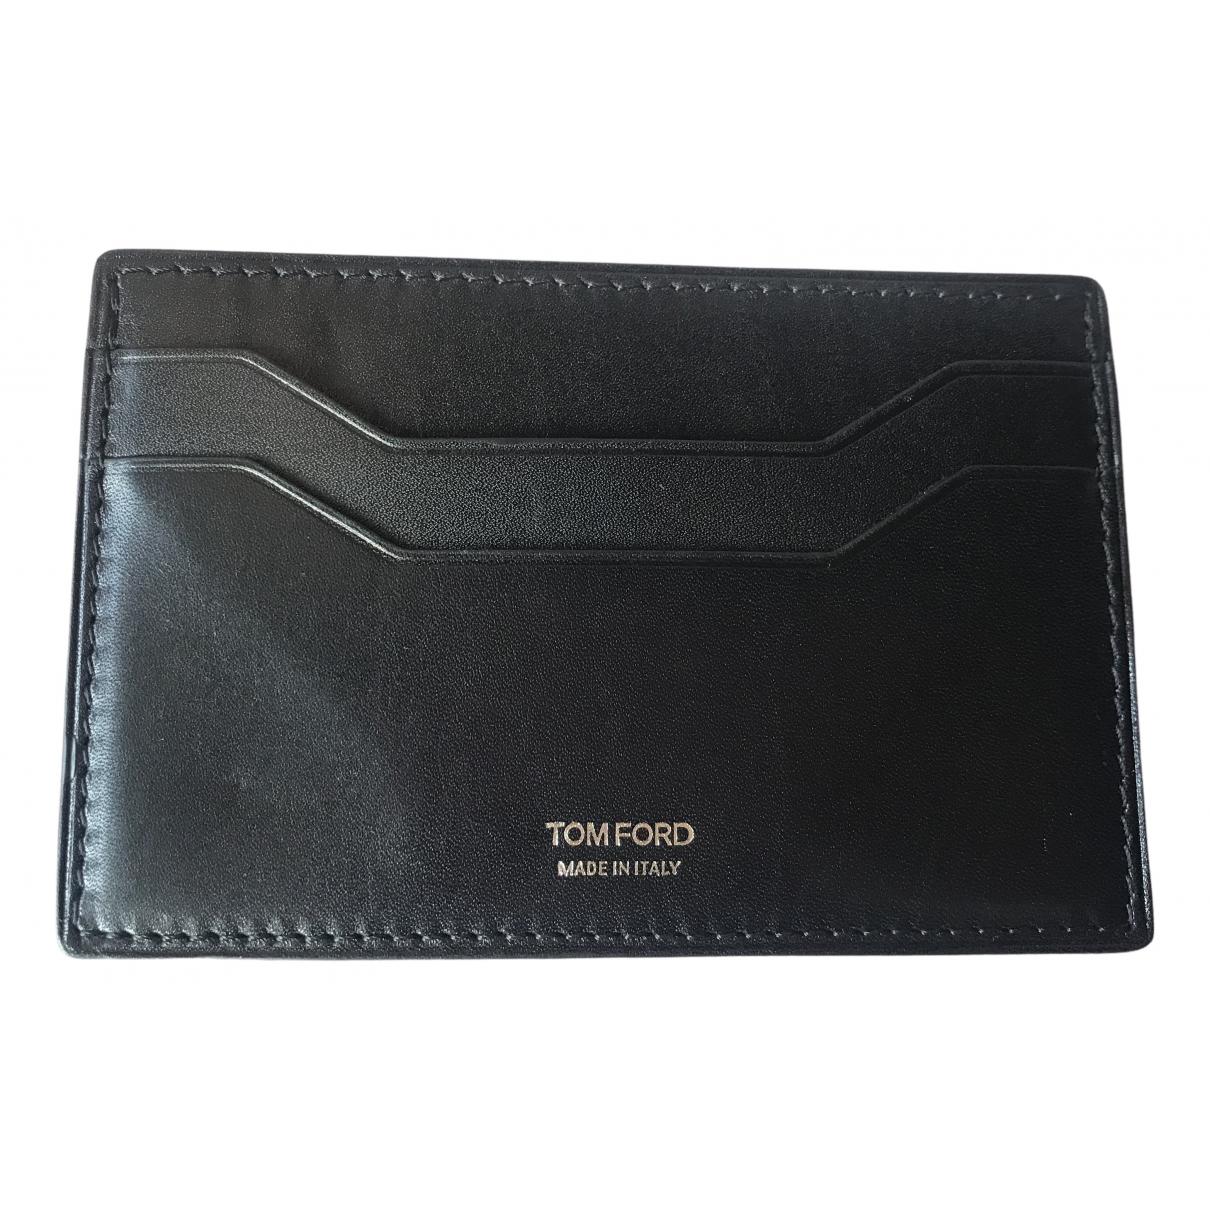 Tom Ford \N Kleinlederwaren in  Schwarz Leder